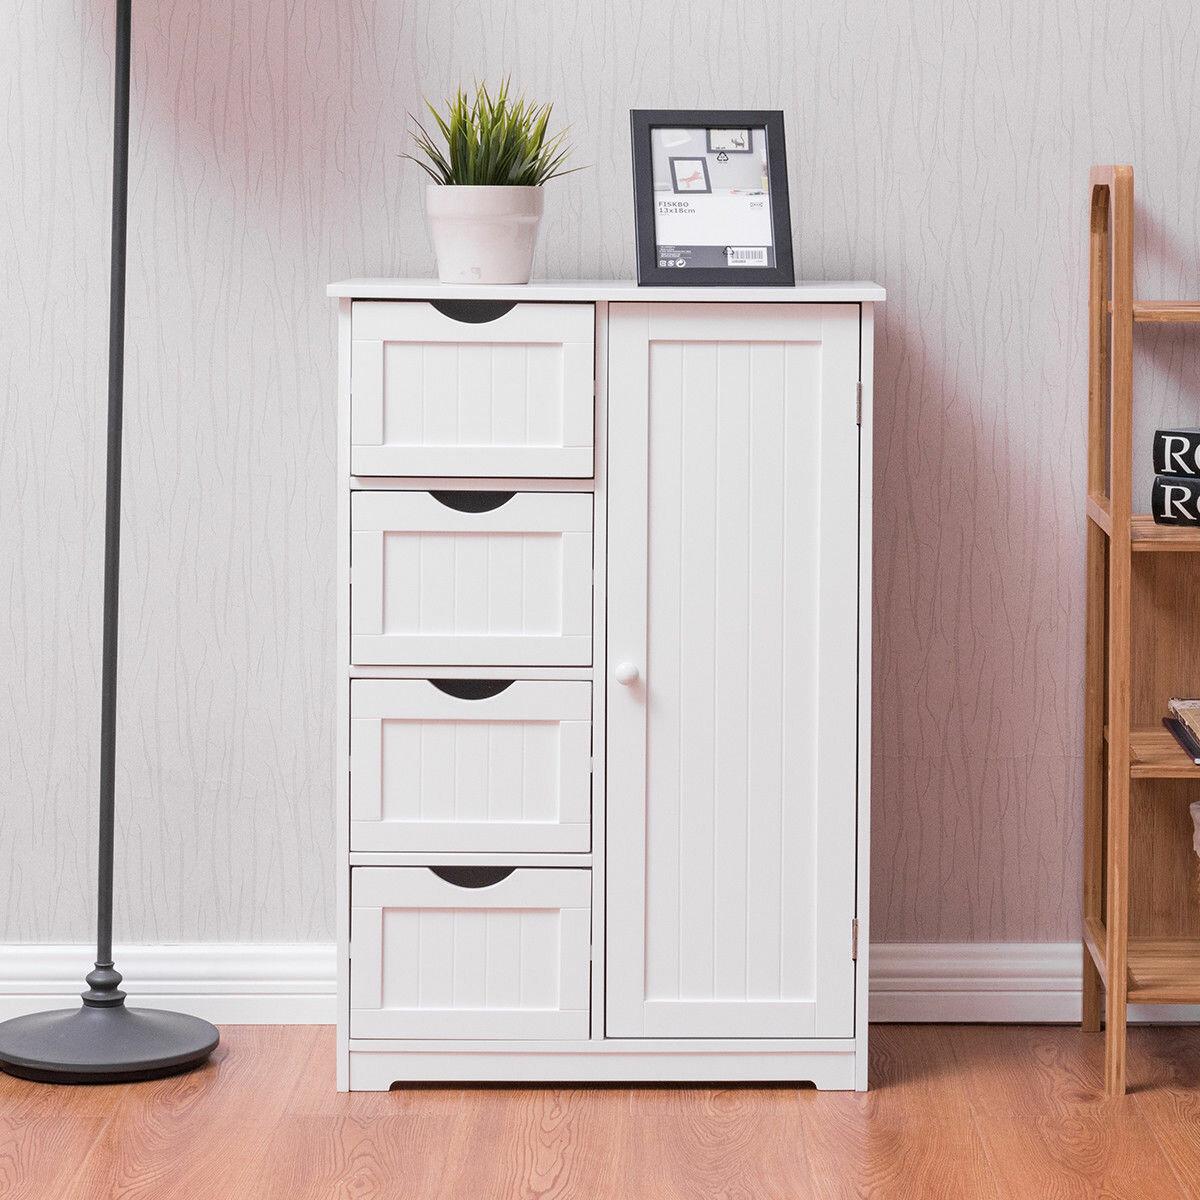 Furniture Home Garden Bathroom Floor Cabinet Wooden W 1